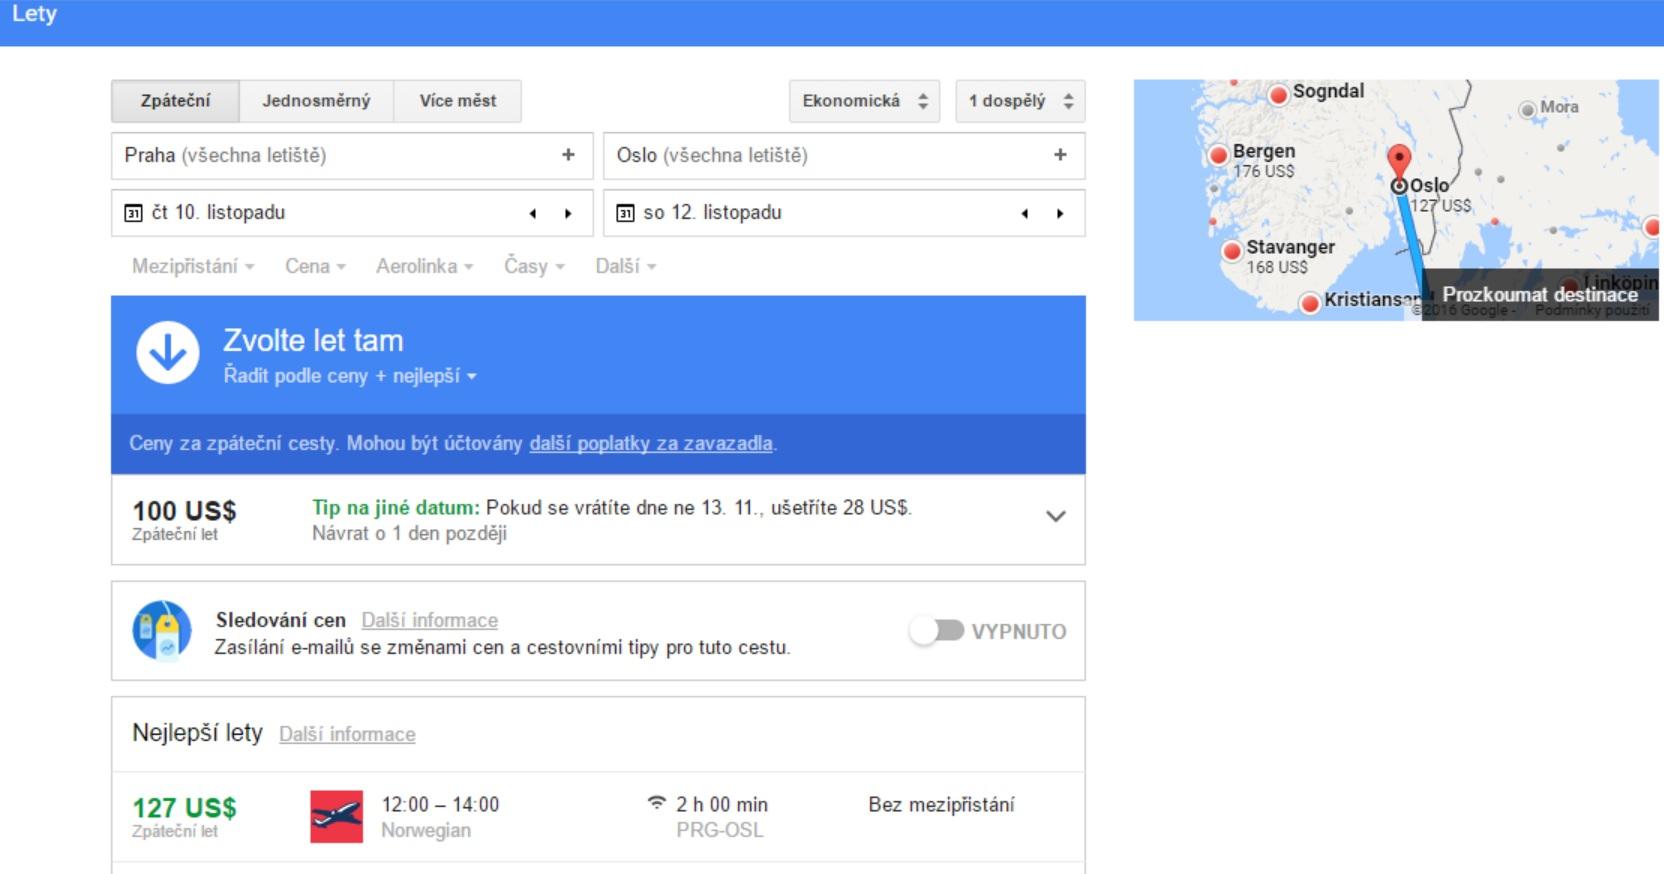 Vyhledávání letů pomocí Google Flights. Zdroj: Google Flights